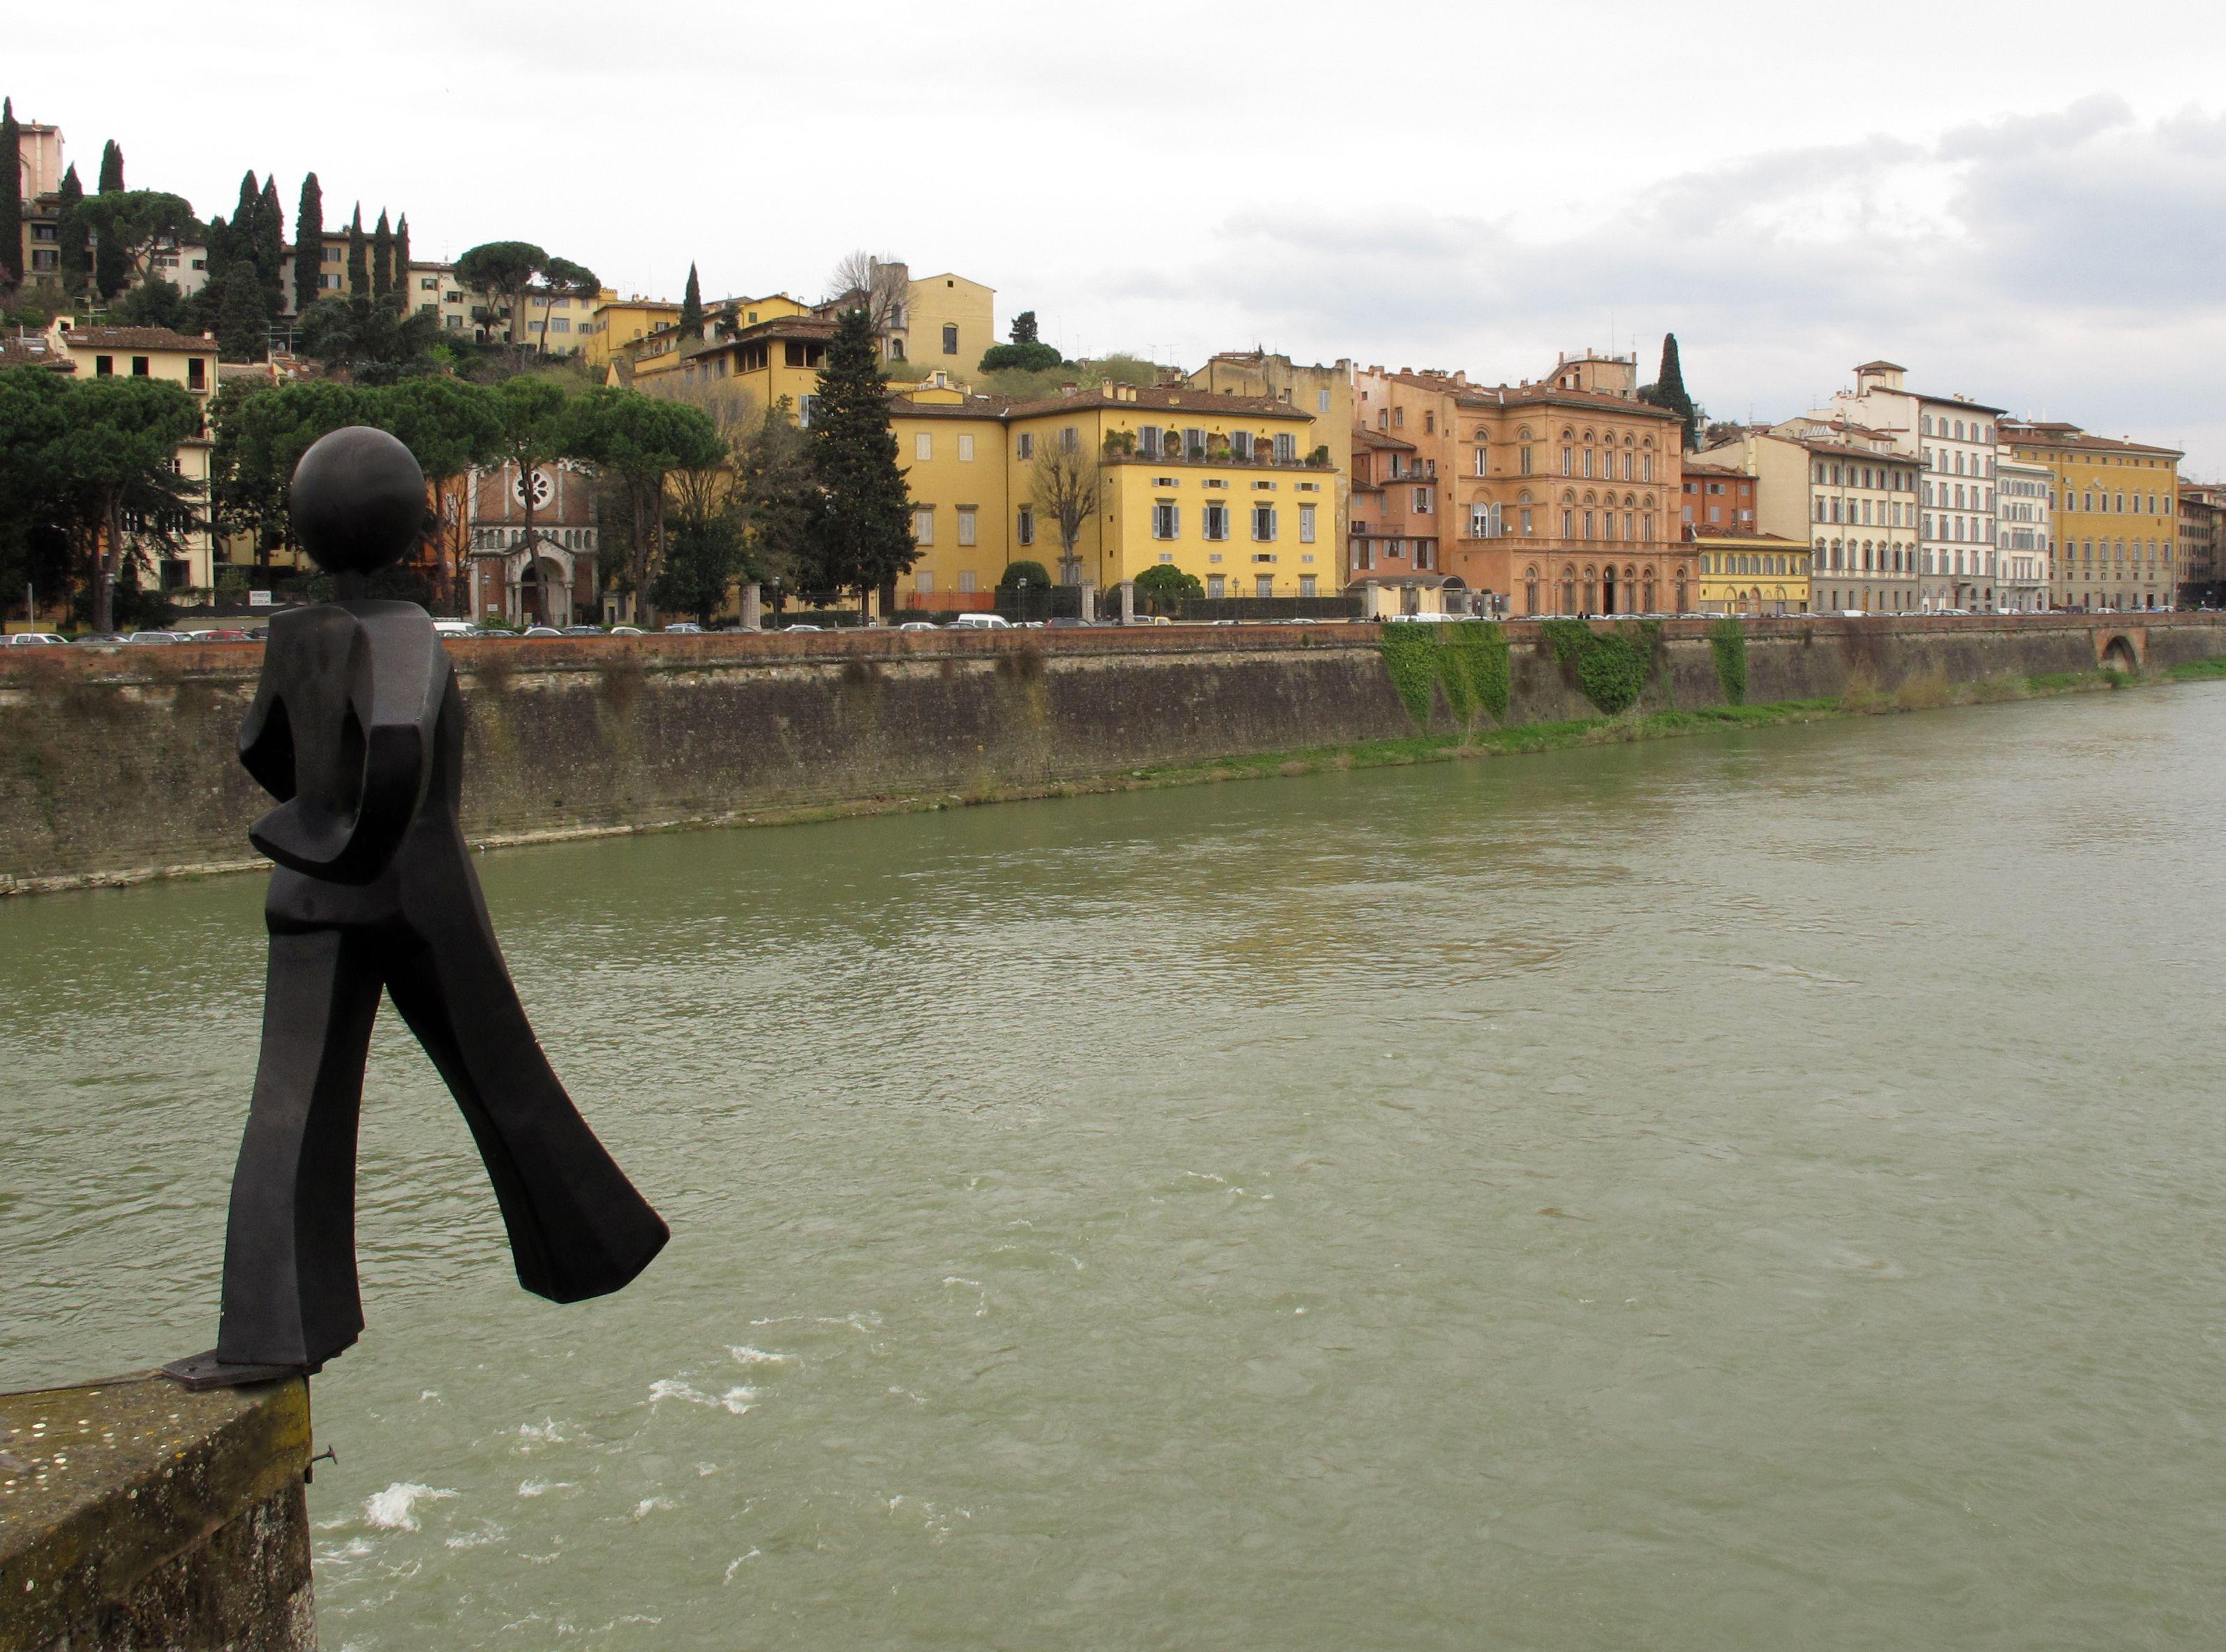 Salto al vacío. Florencia